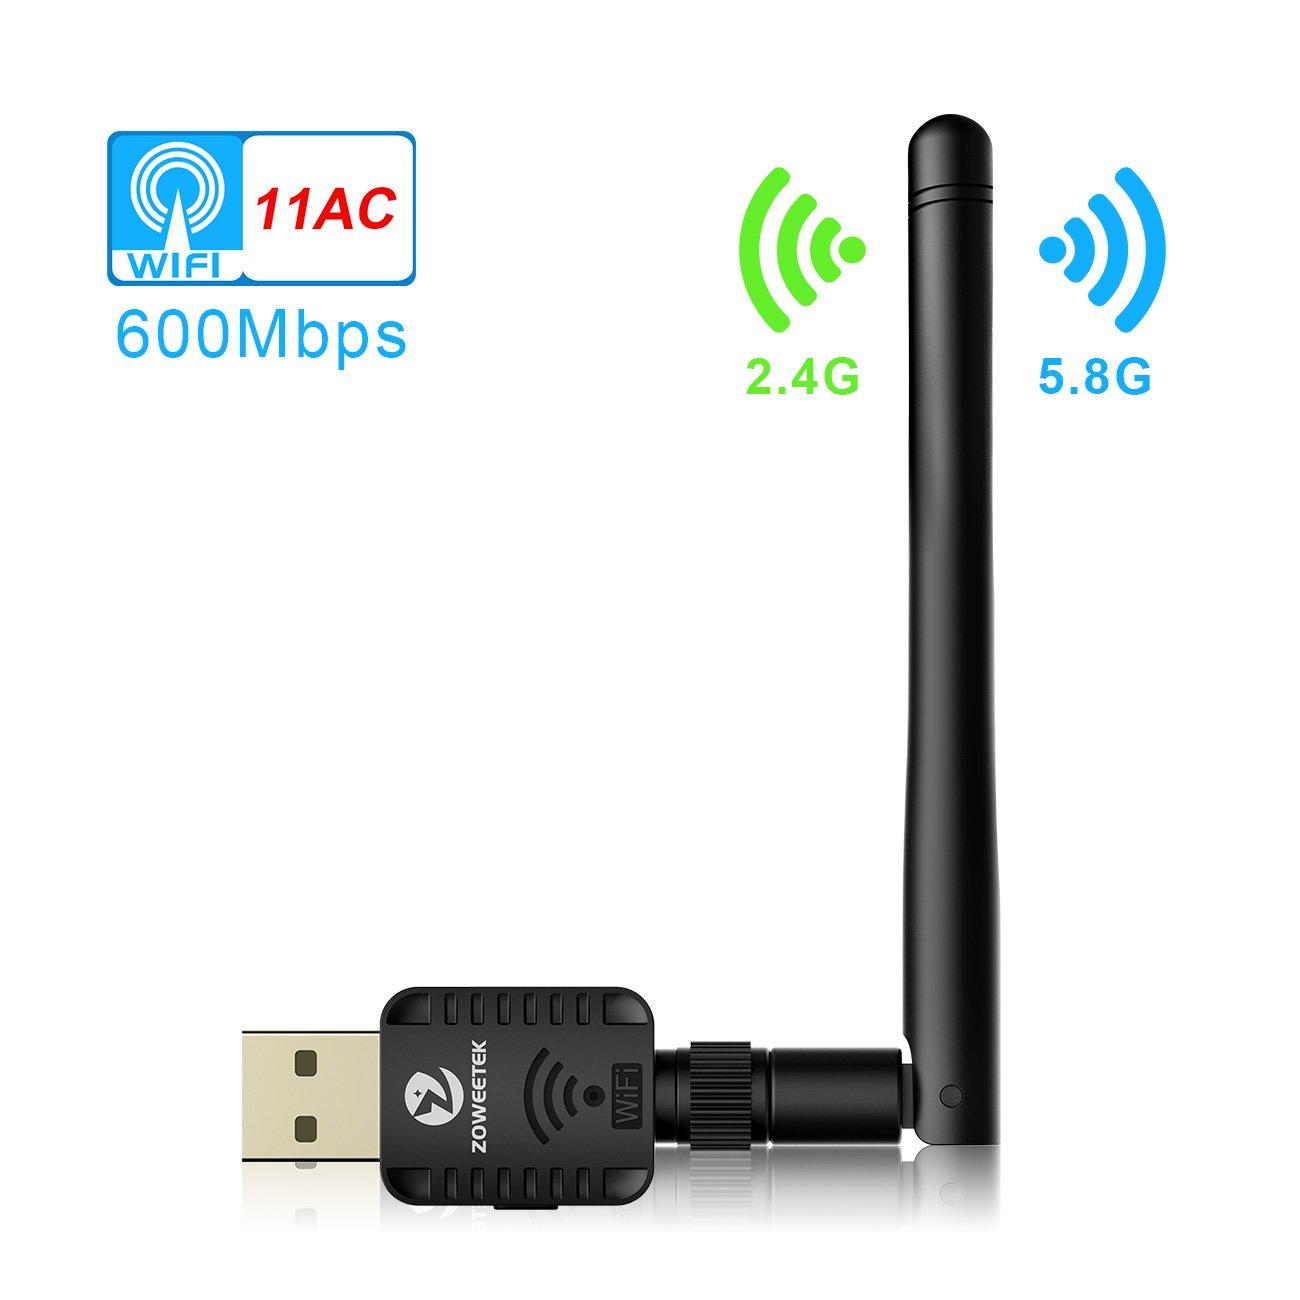 ZOWEETEK® Clé USB WiFi 600Mbps Mini Wi-FI Dongles Adapteur Réseau sans Fil Antenne Bande Jusqu'à 5GHz 433Mbps 2.4GHz 150Mbps Windows XP/Vista/7/8/8.1/10 (32/64bits)/Mac(10.6-10.13)